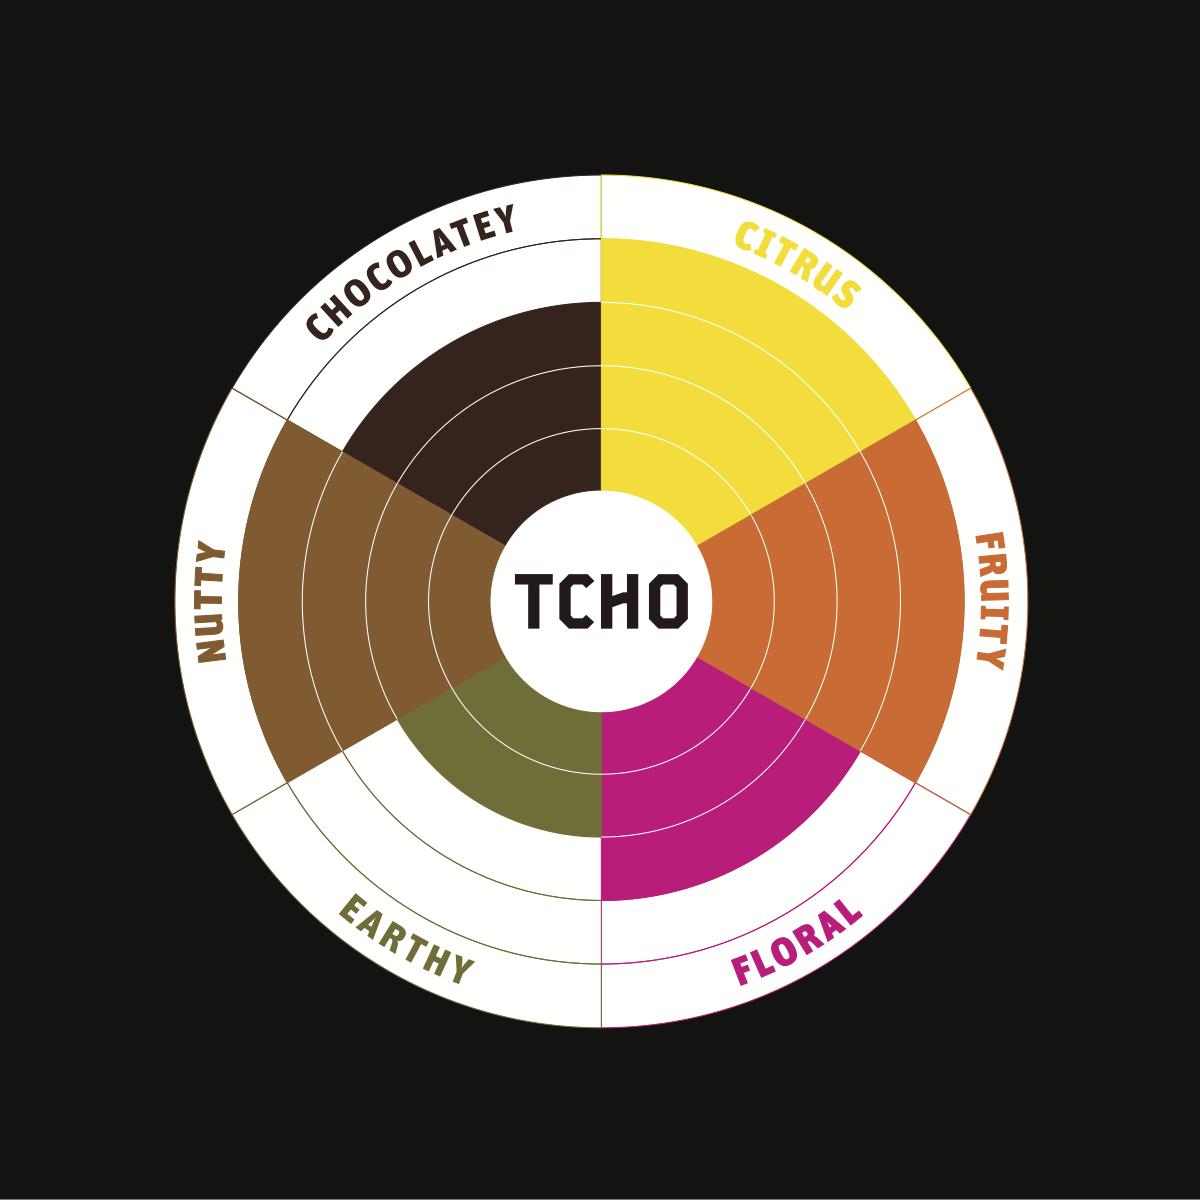 TCHO's 81 percent flavor wheel